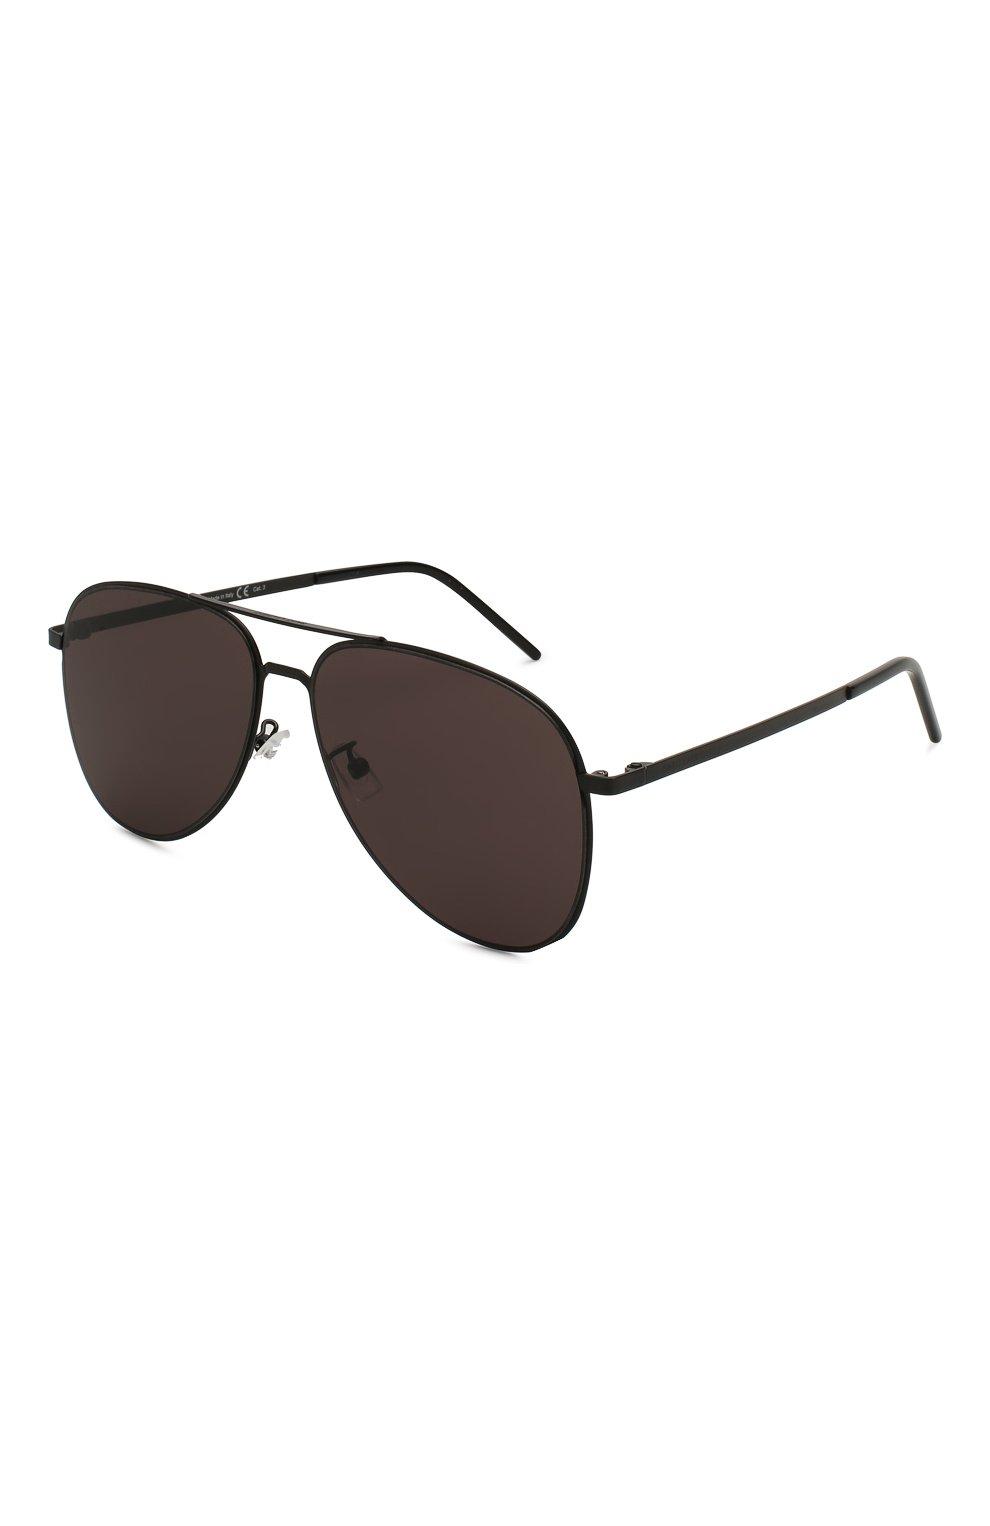 Женские солнцезащитные очки SAINT LAURENT черного цвета, арт. CLASSIC 11 SLIM 002 | Фото 1